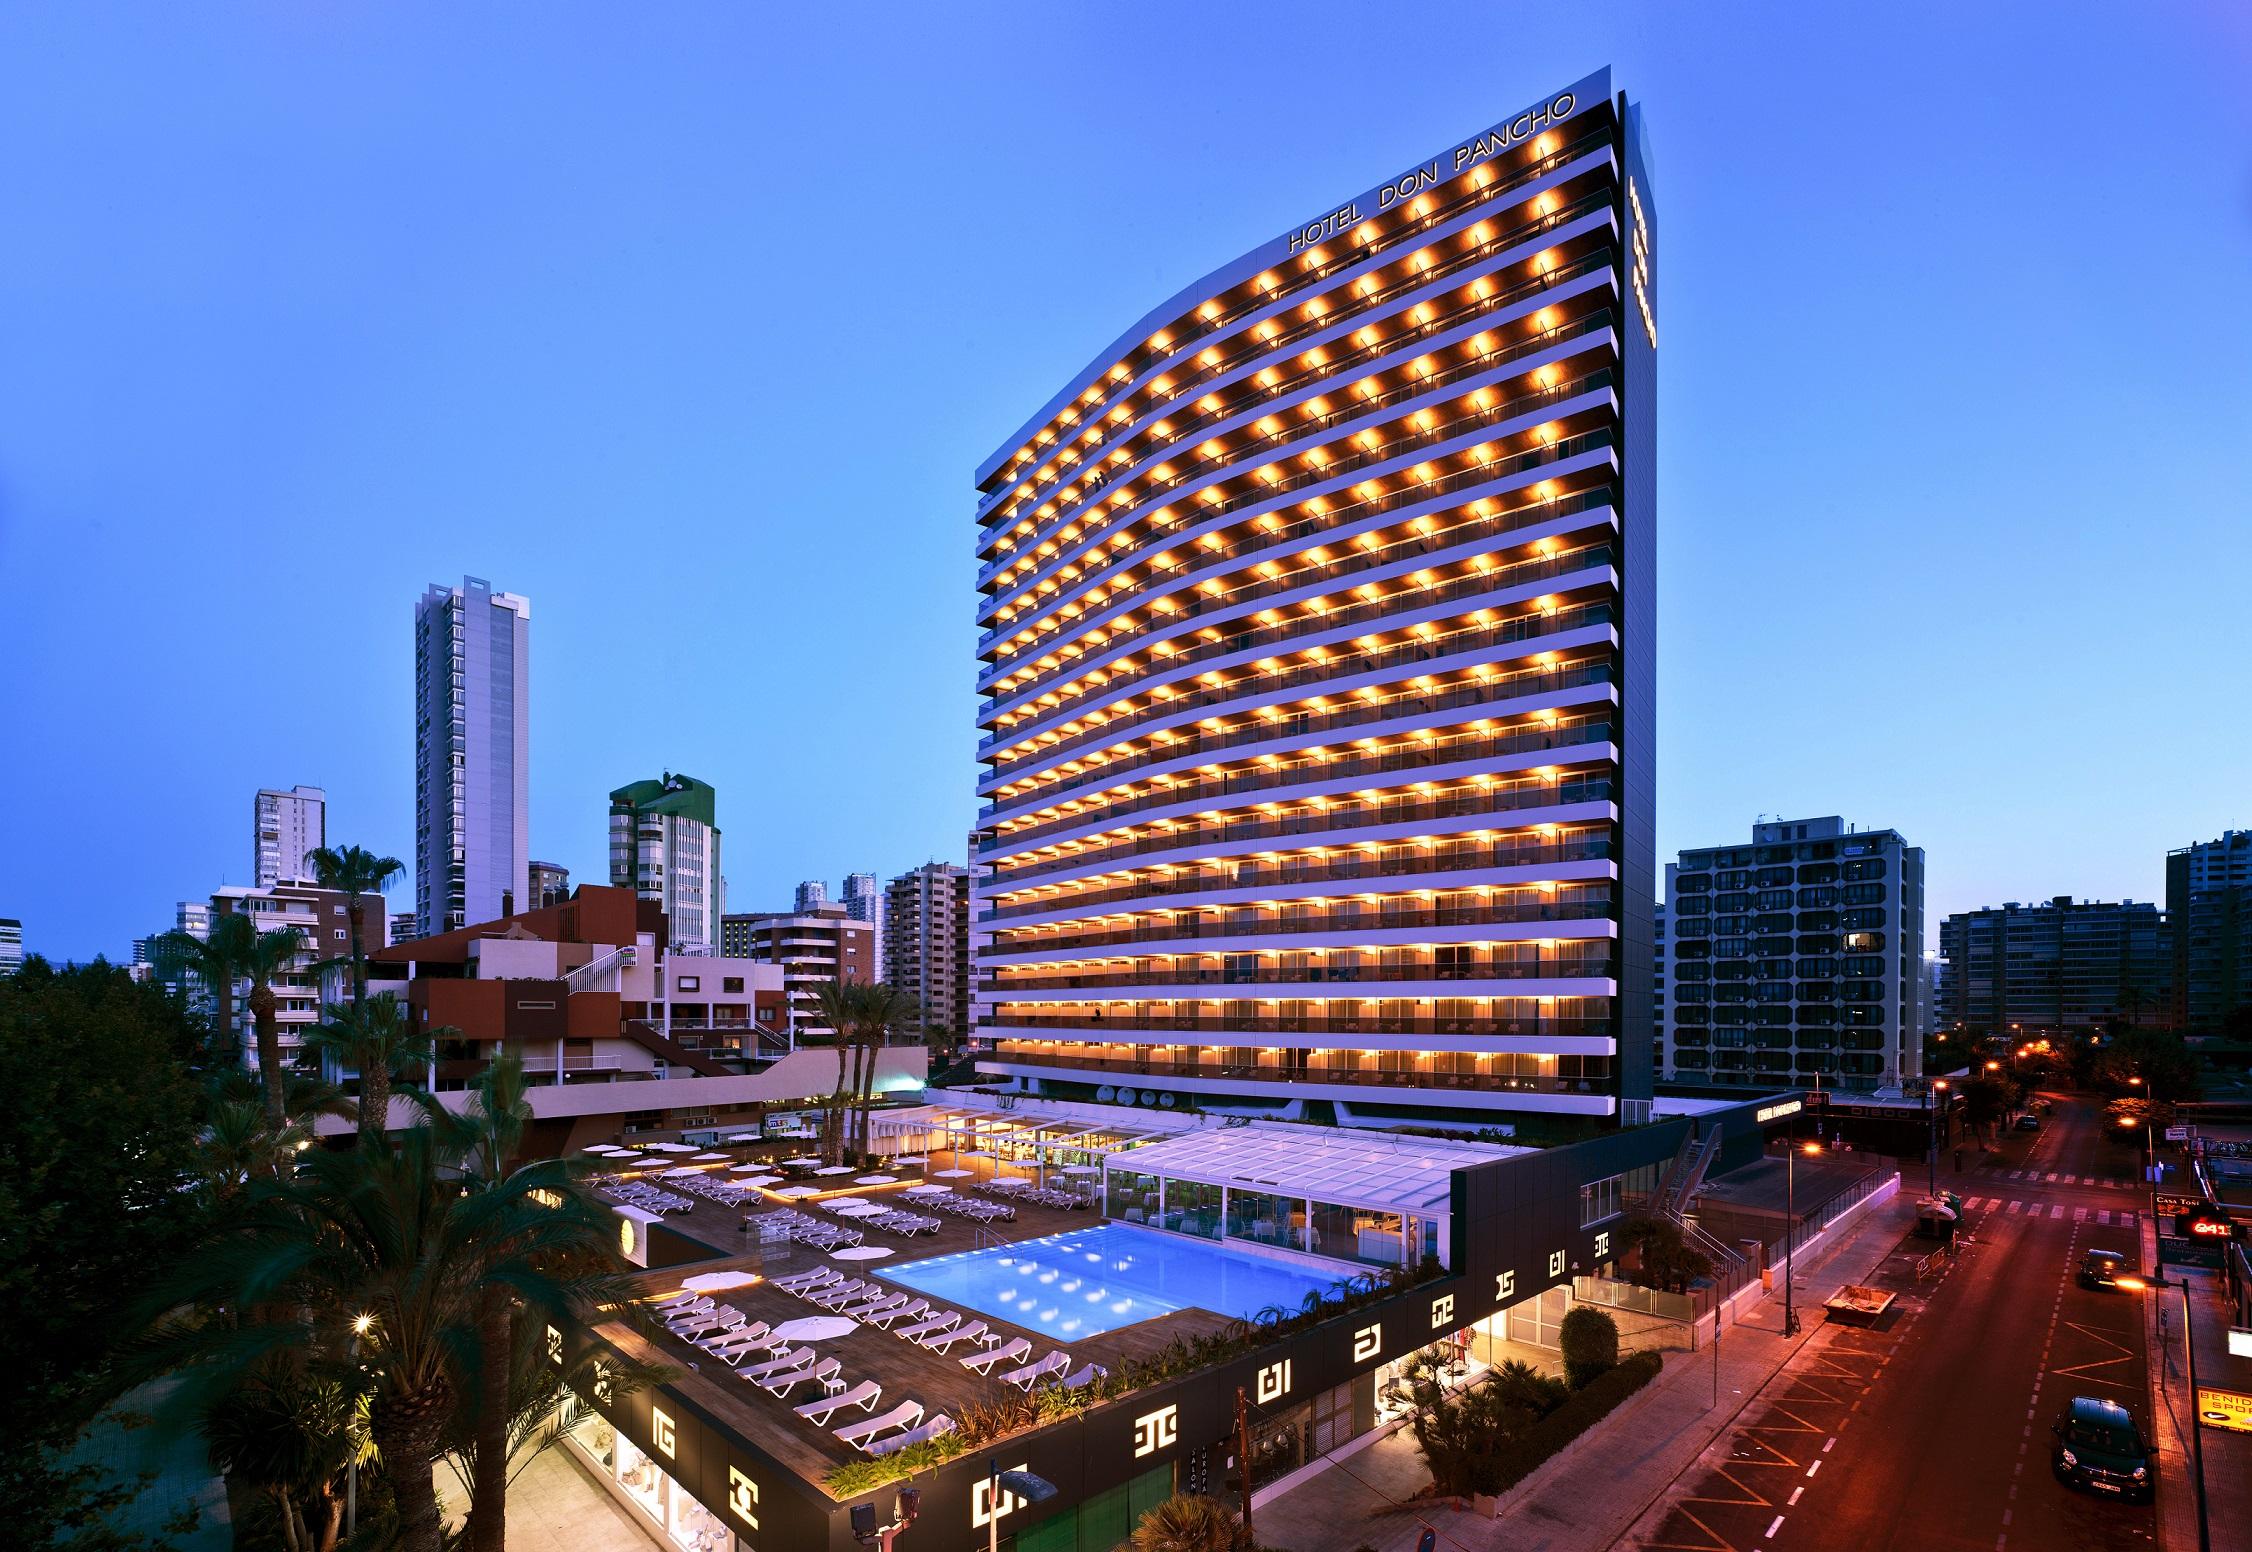 Hotel Don Pancho, premio CaixaBank Hotels&Tourism a Mejor Reposicionamiento o Reforma (subcategoría de más de 50 habitaciones)